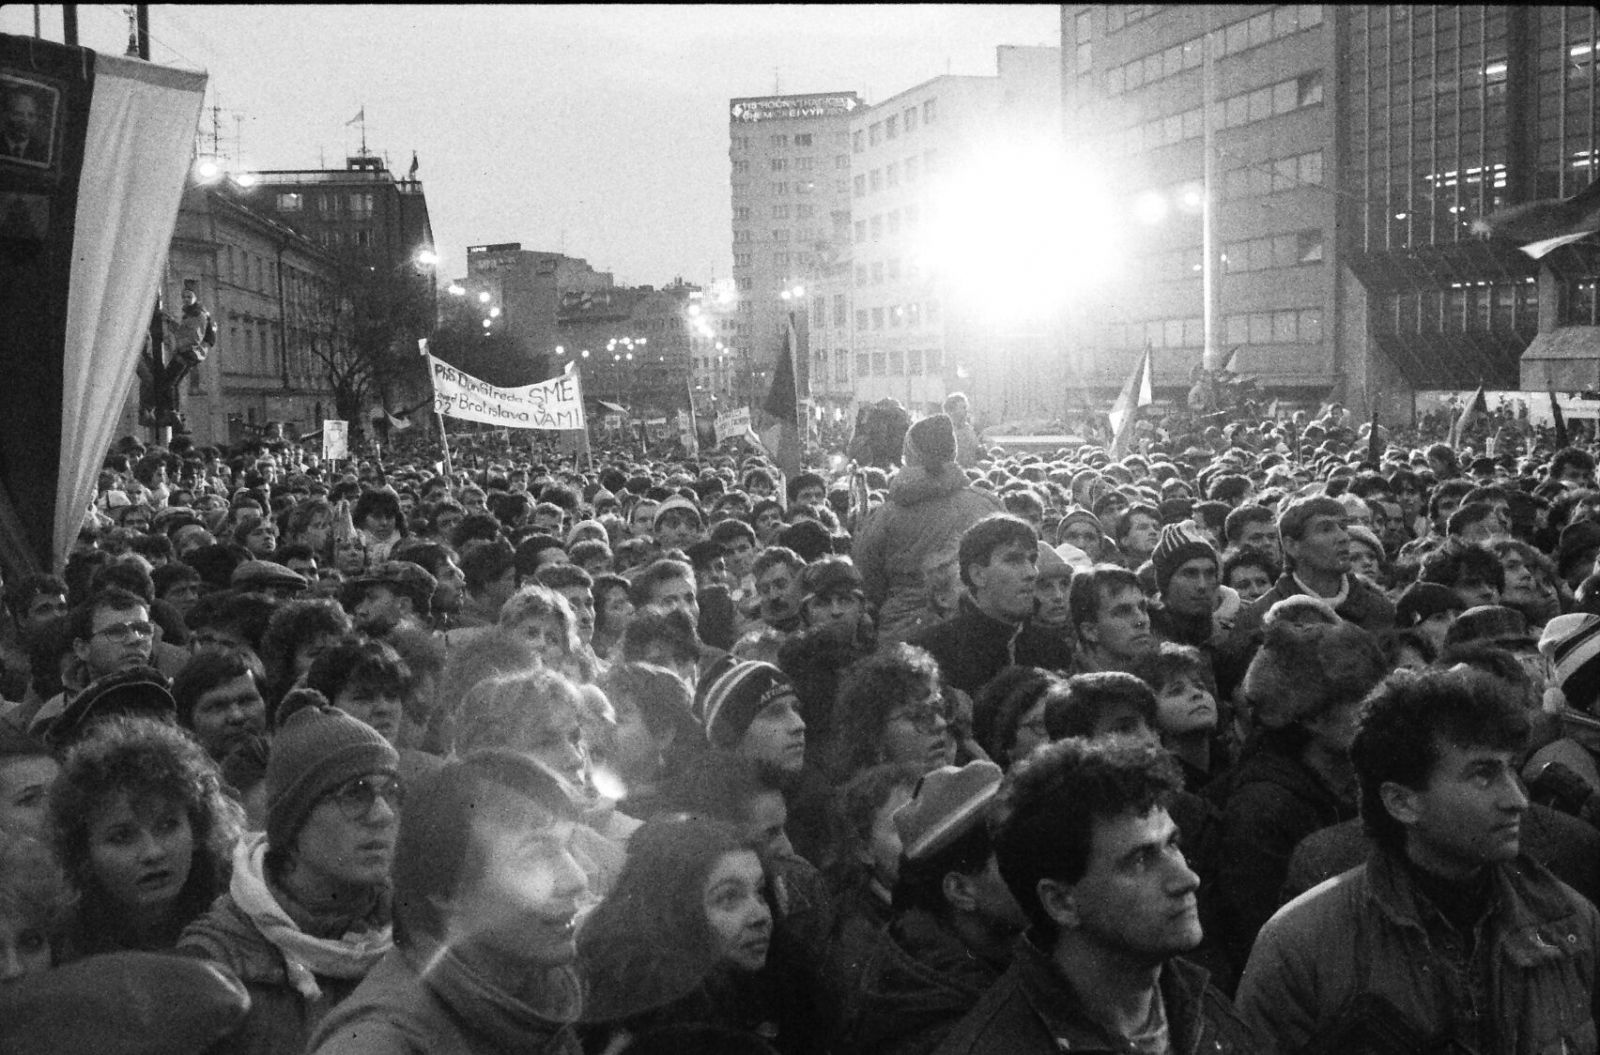 Študenti položili základ úspechu revolúcie. Ako vnímali banky počas novembra '89 ľudia z prvej línie?